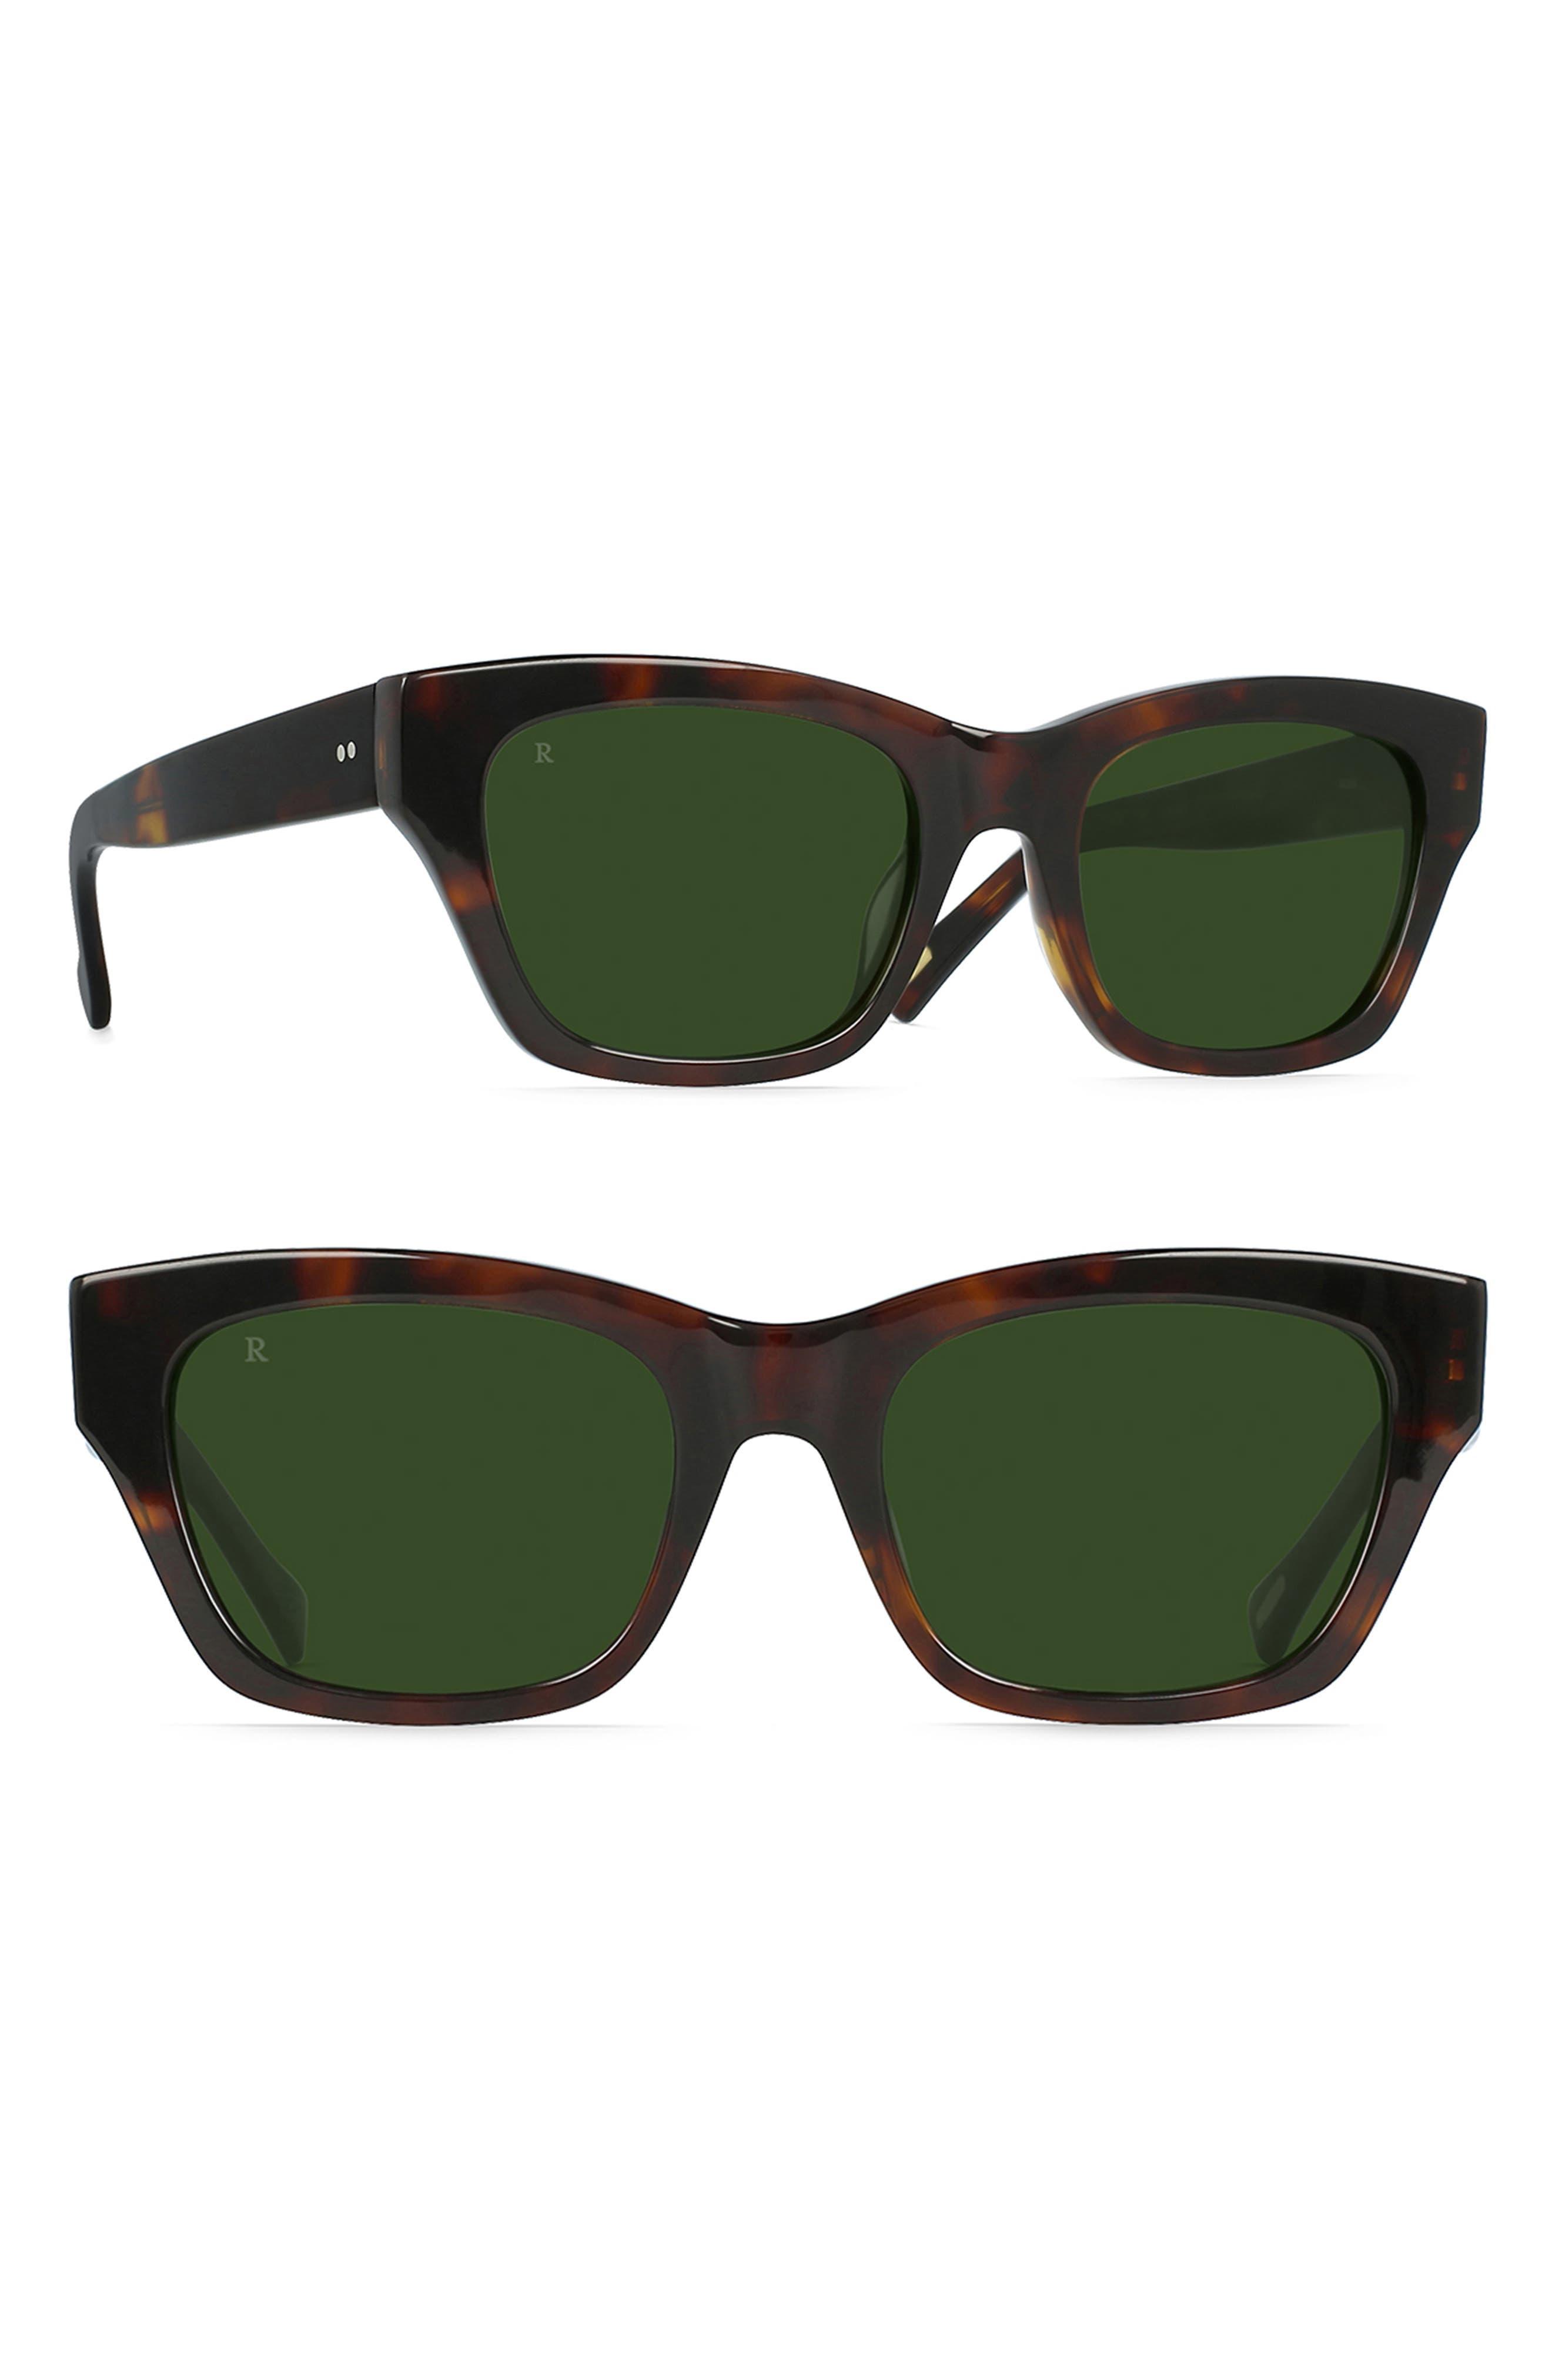 RAEN Bower 52Mm Sunglasses - Kola Tortoise/ Bottle Green